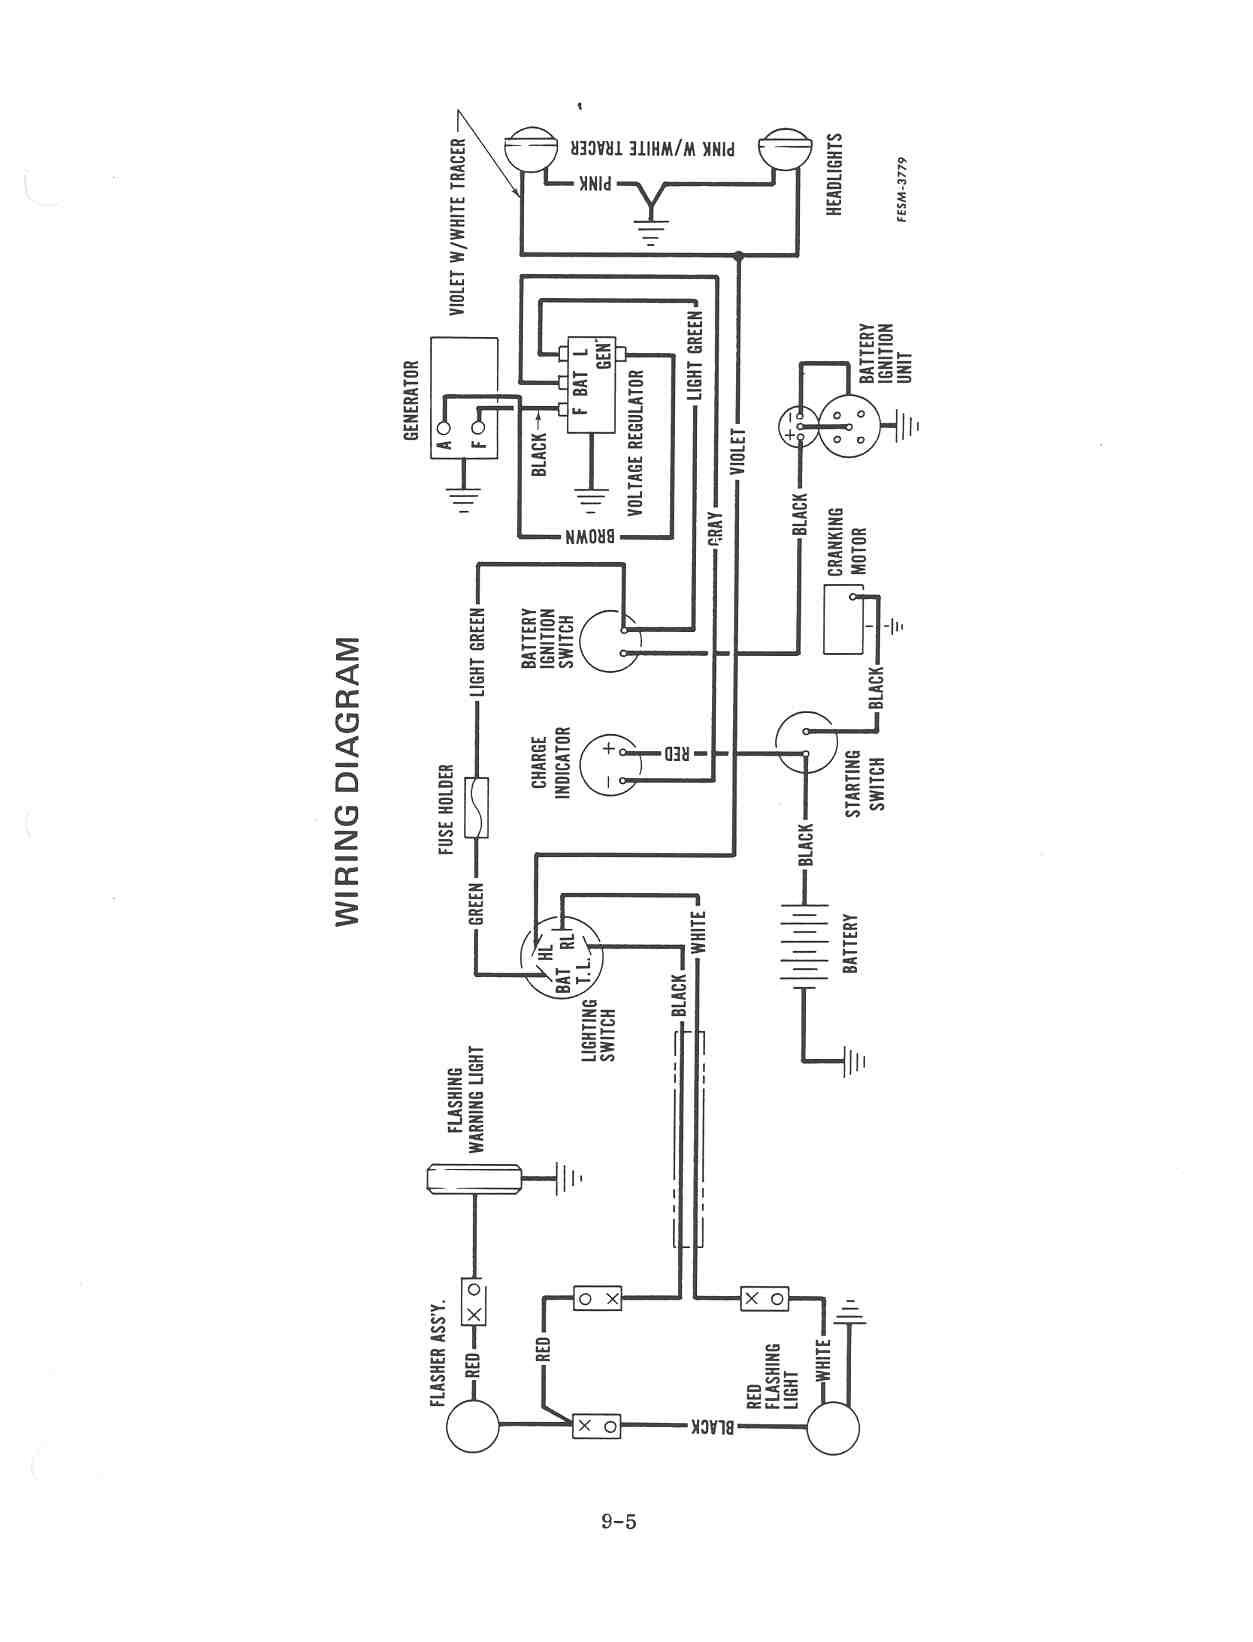 154 Cub Cadet Wiring Diagram - M7 Wiring Diagram Farmall Cub Cadet Wiring Diagram on